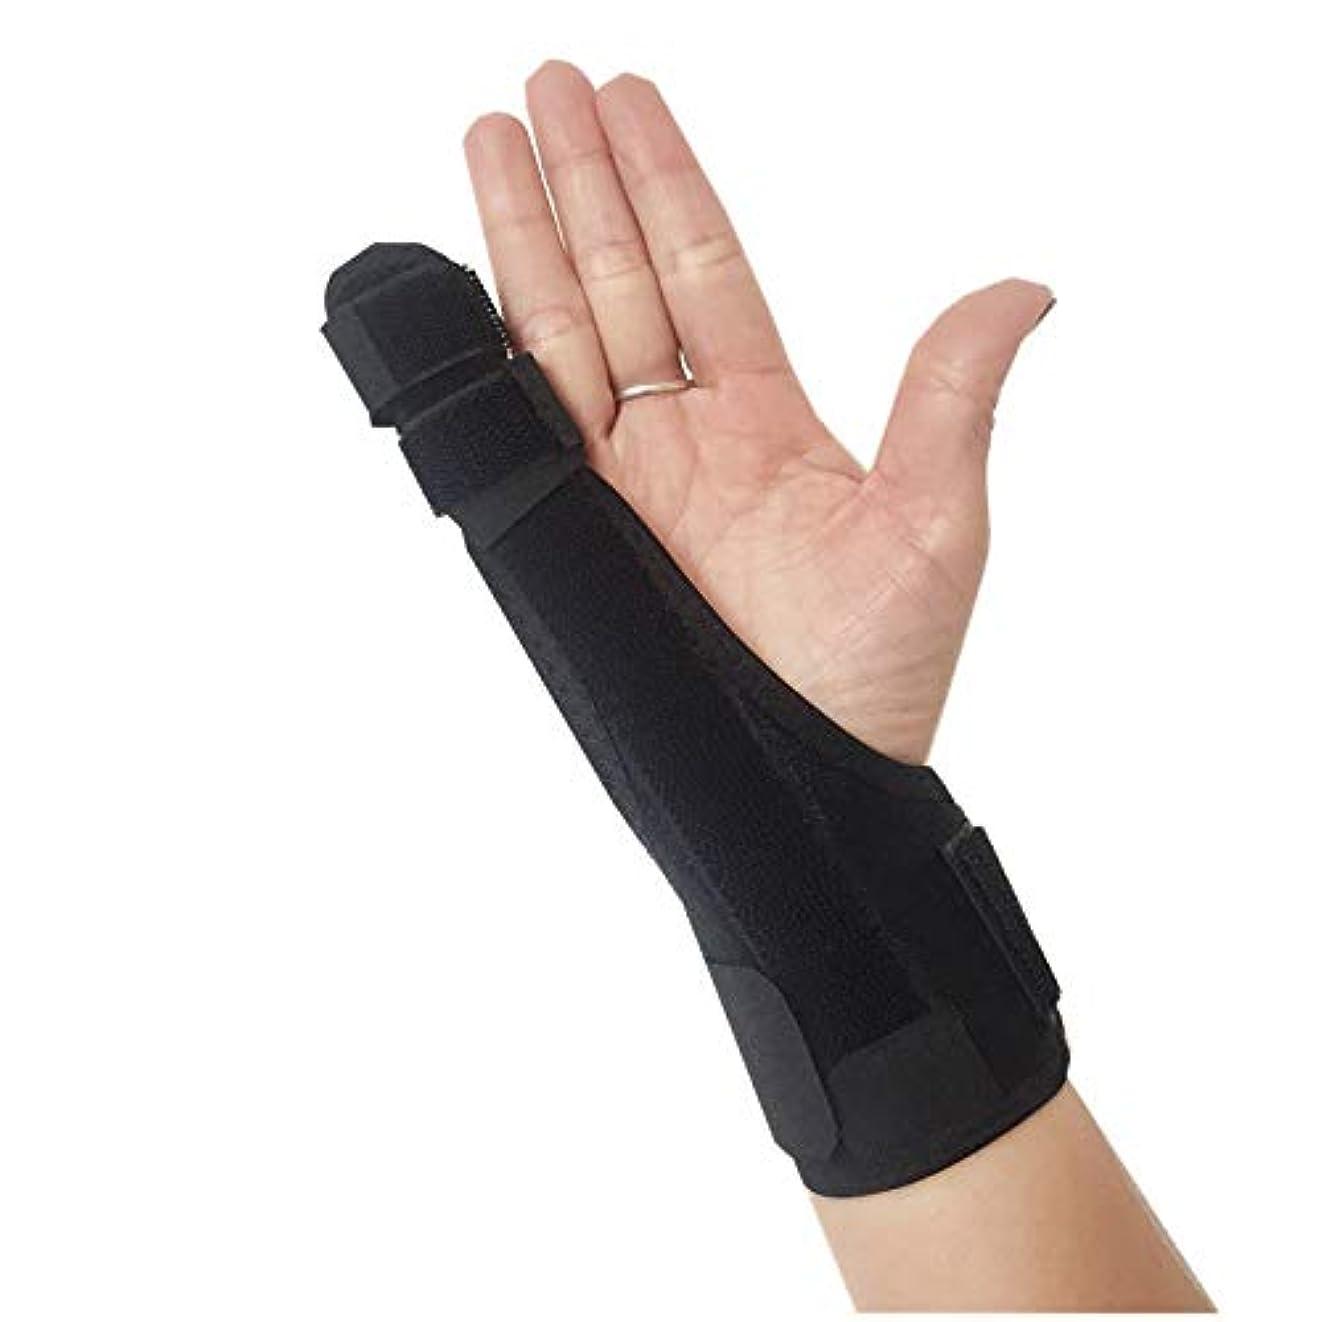 ヨーグルトに頼るシルク親指、手首と手のひらのための指と手のイモビライザーの副木をトリガー|手根管、腱炎、関節炎のためのブレース